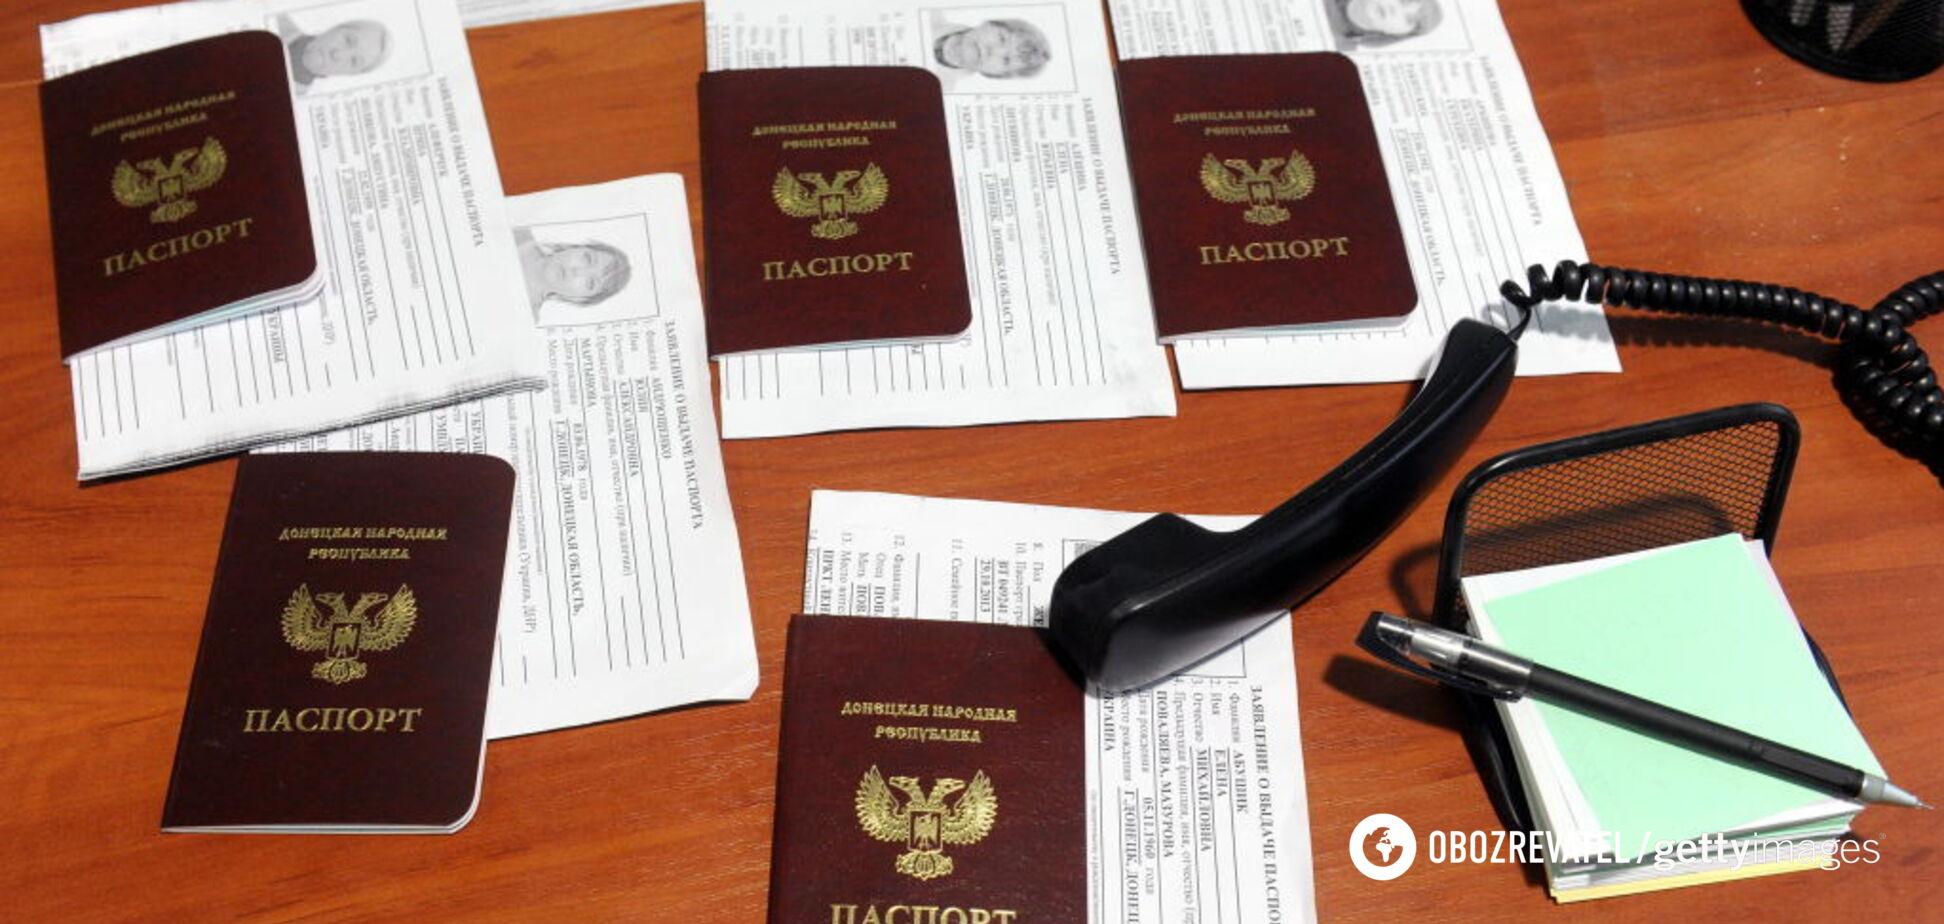 Россия активно готовится к раздаче паспортов в 'ДНР': что известно